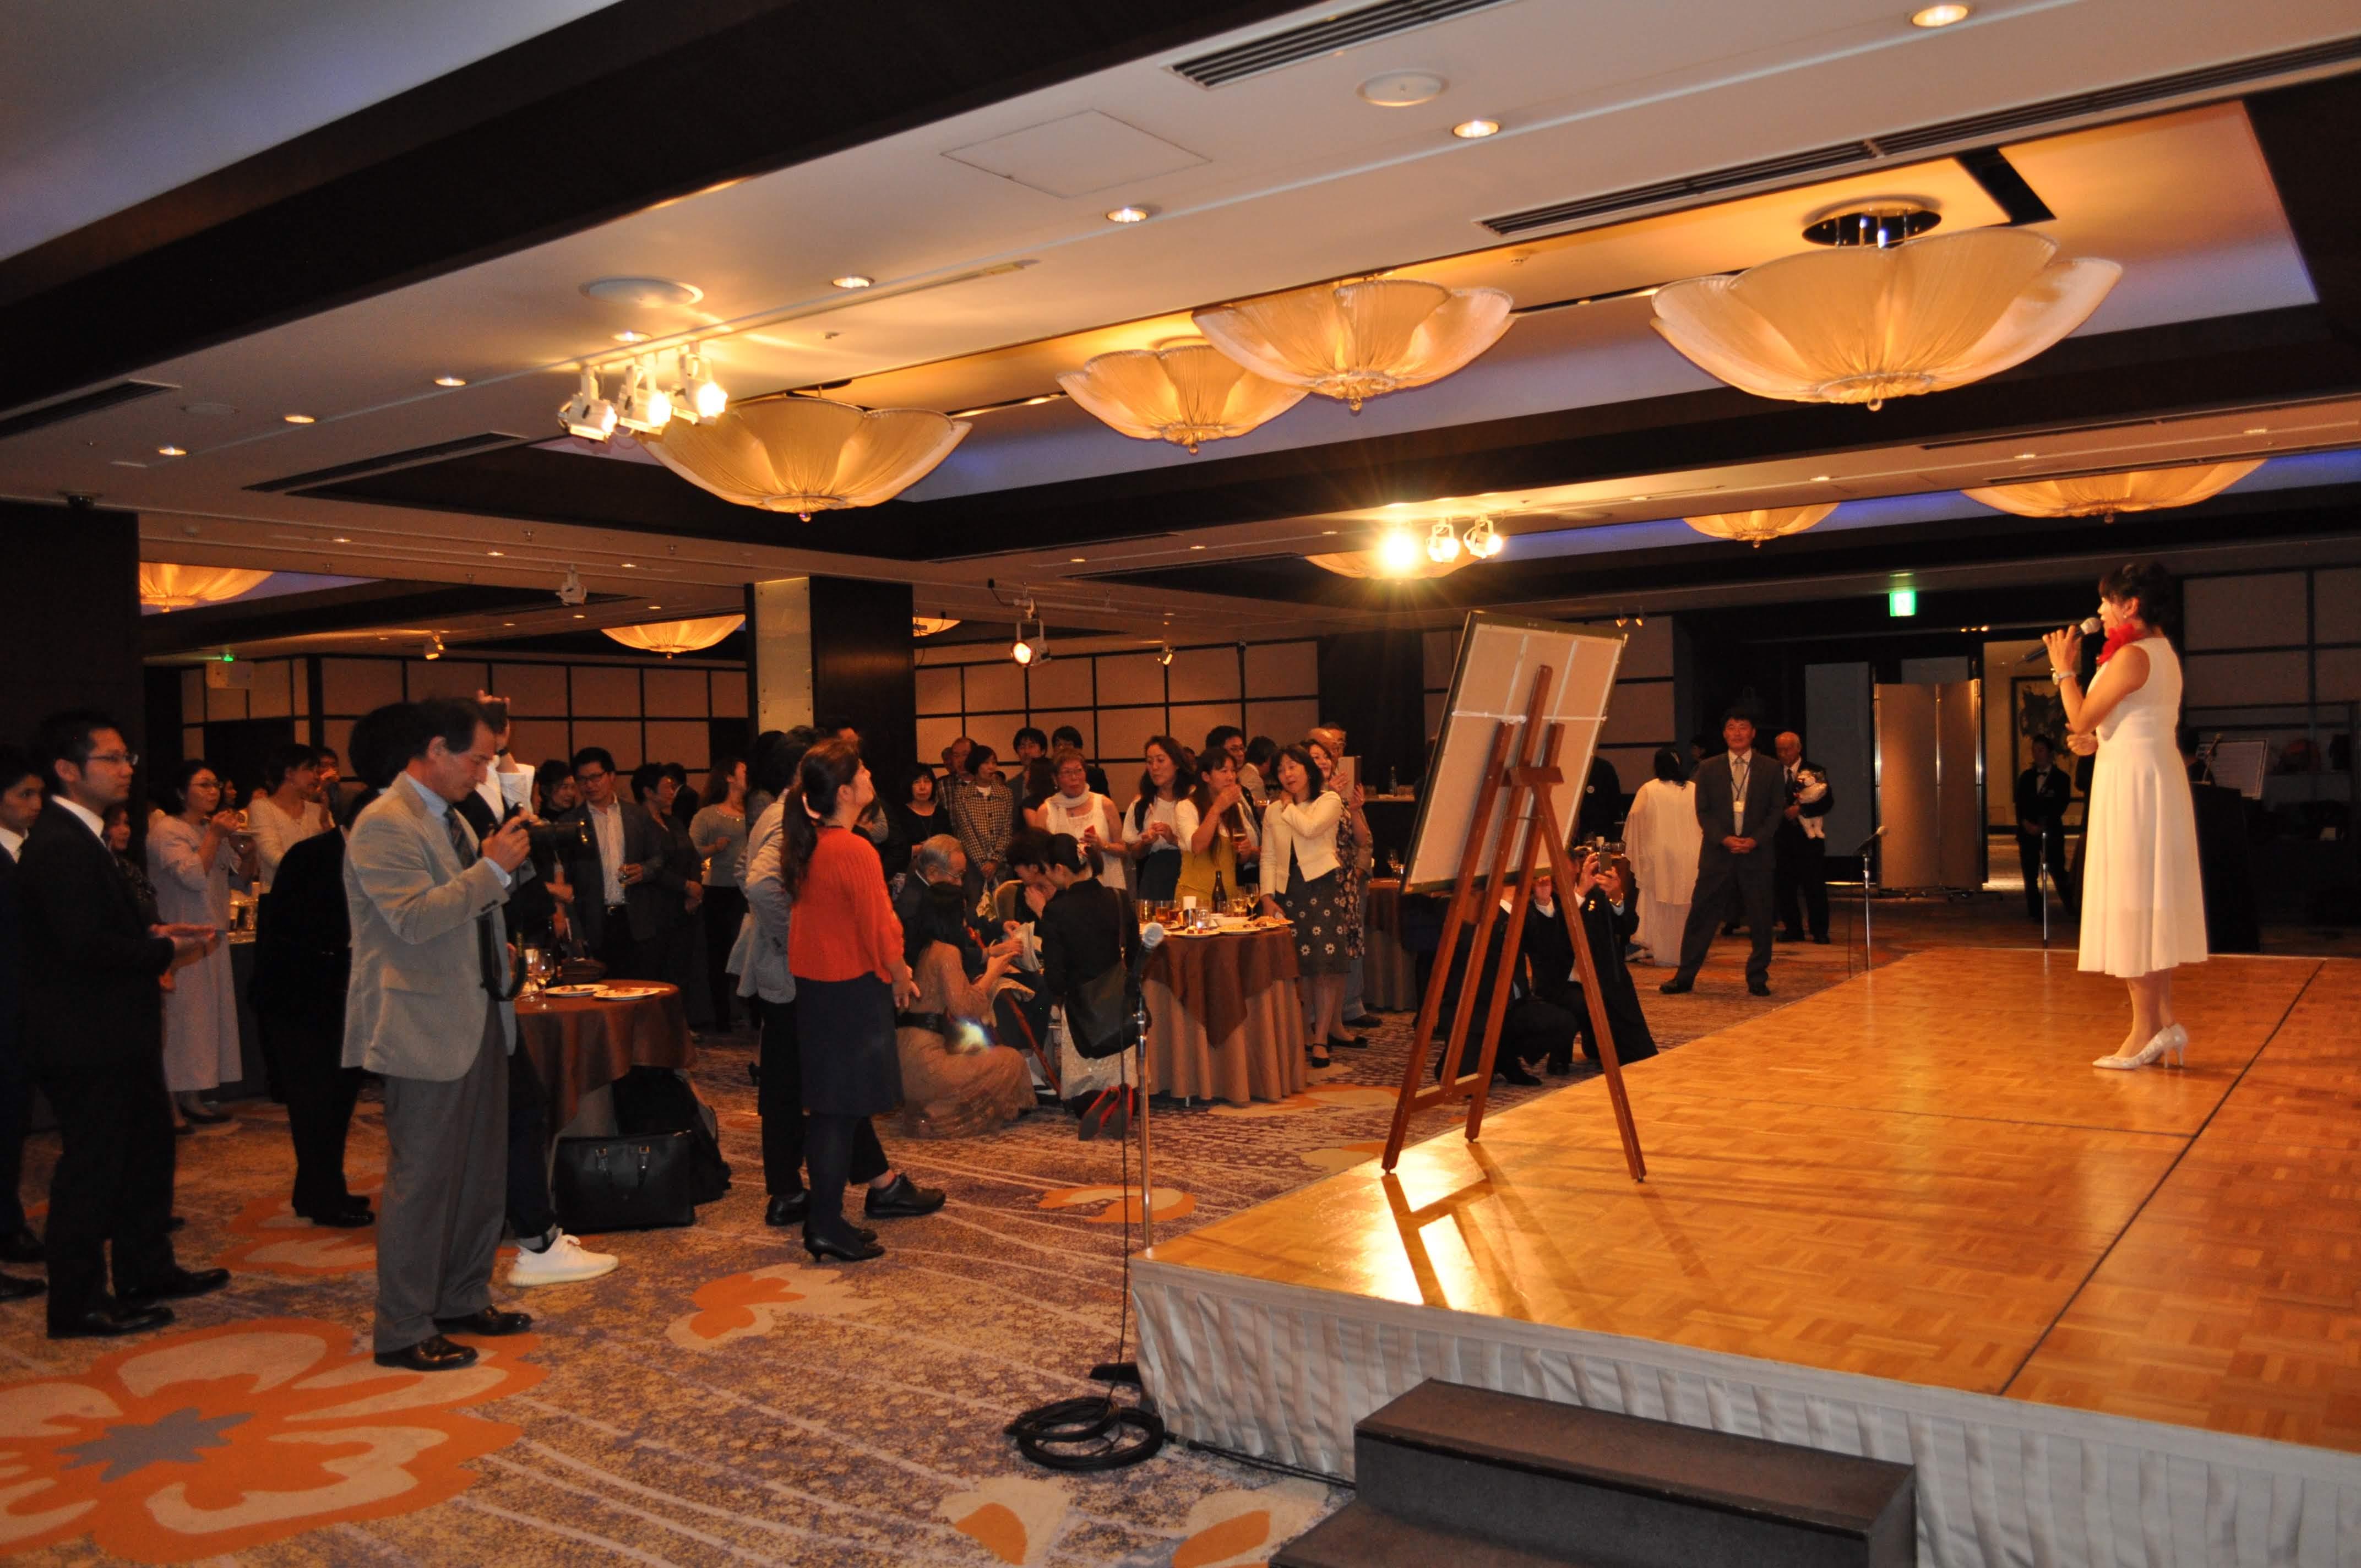 DSC 0484 1 - 思風会全国大会in広島